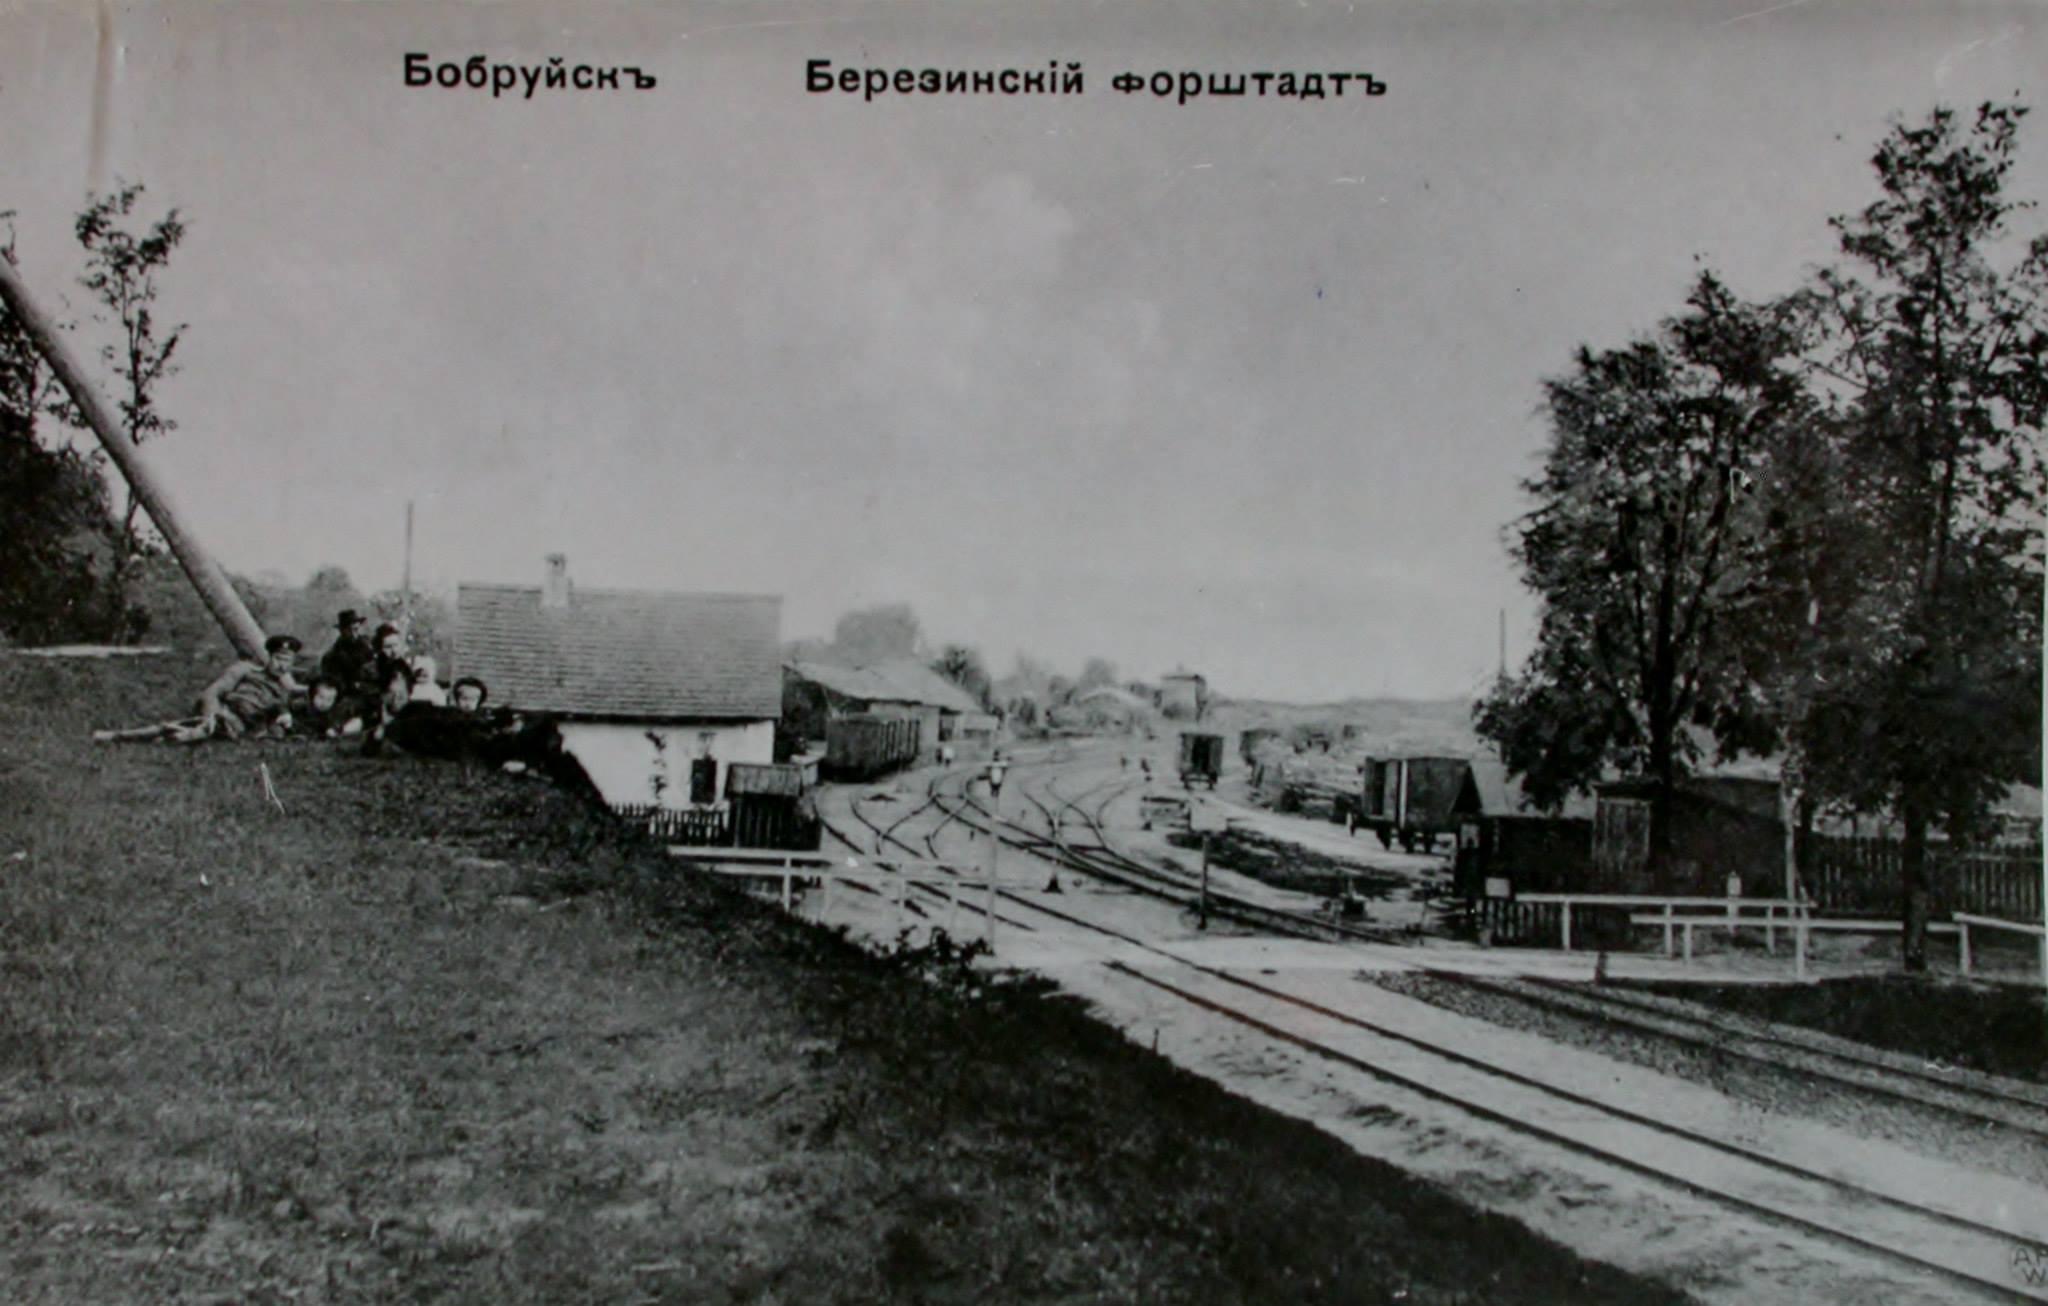 Березинский форштадт